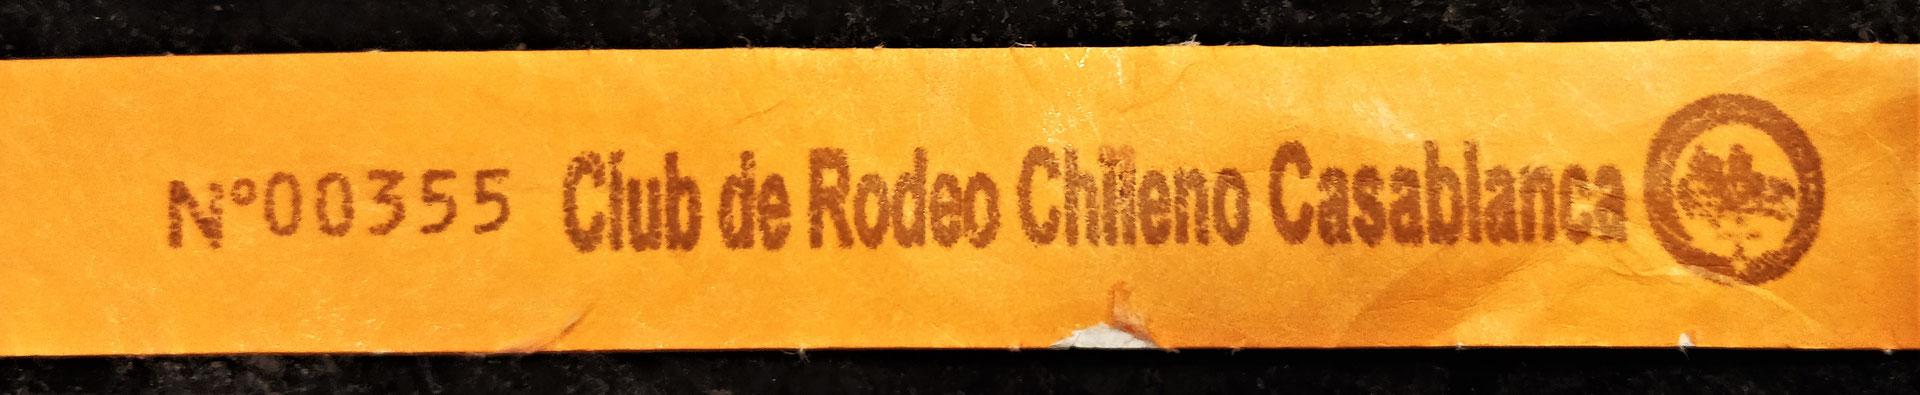 Das Eintritt-Ticket zum Rodeo.